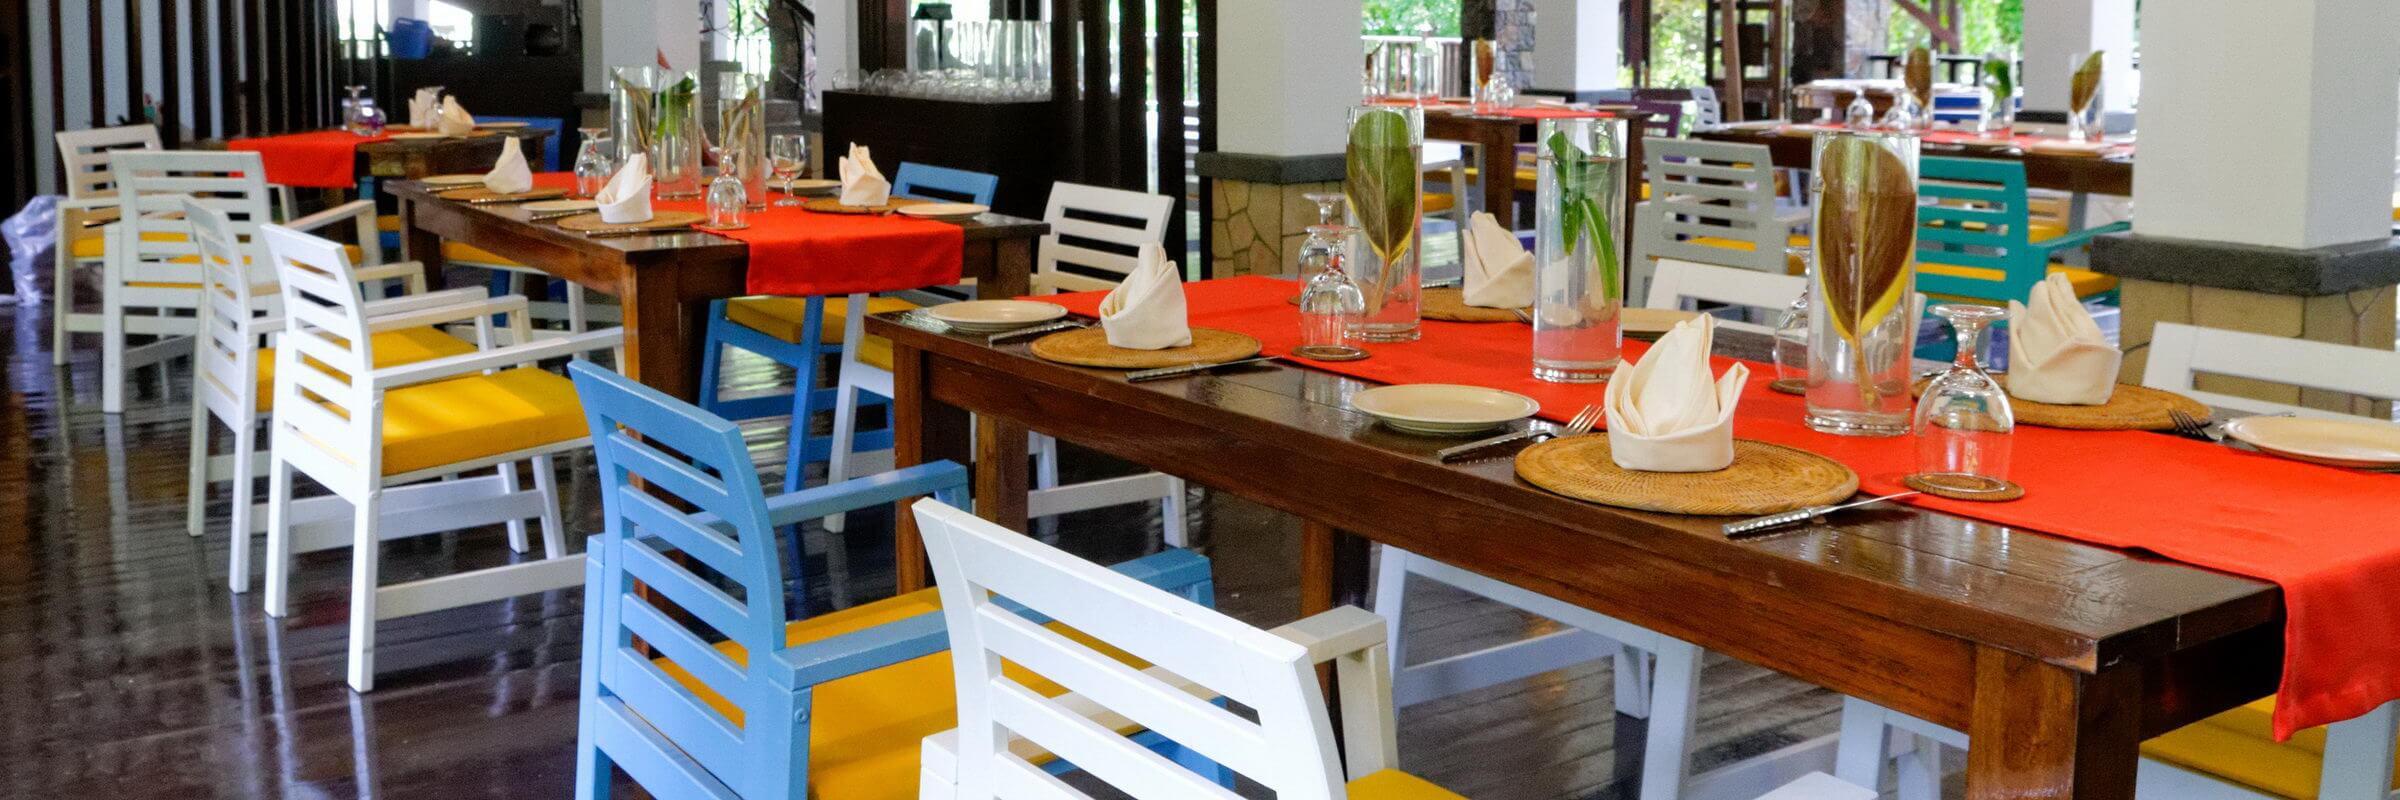 Im  Bunga Raya Island Resort & Spa werden sowohl malaysische als auch westliche Spezialitäten angeboten.